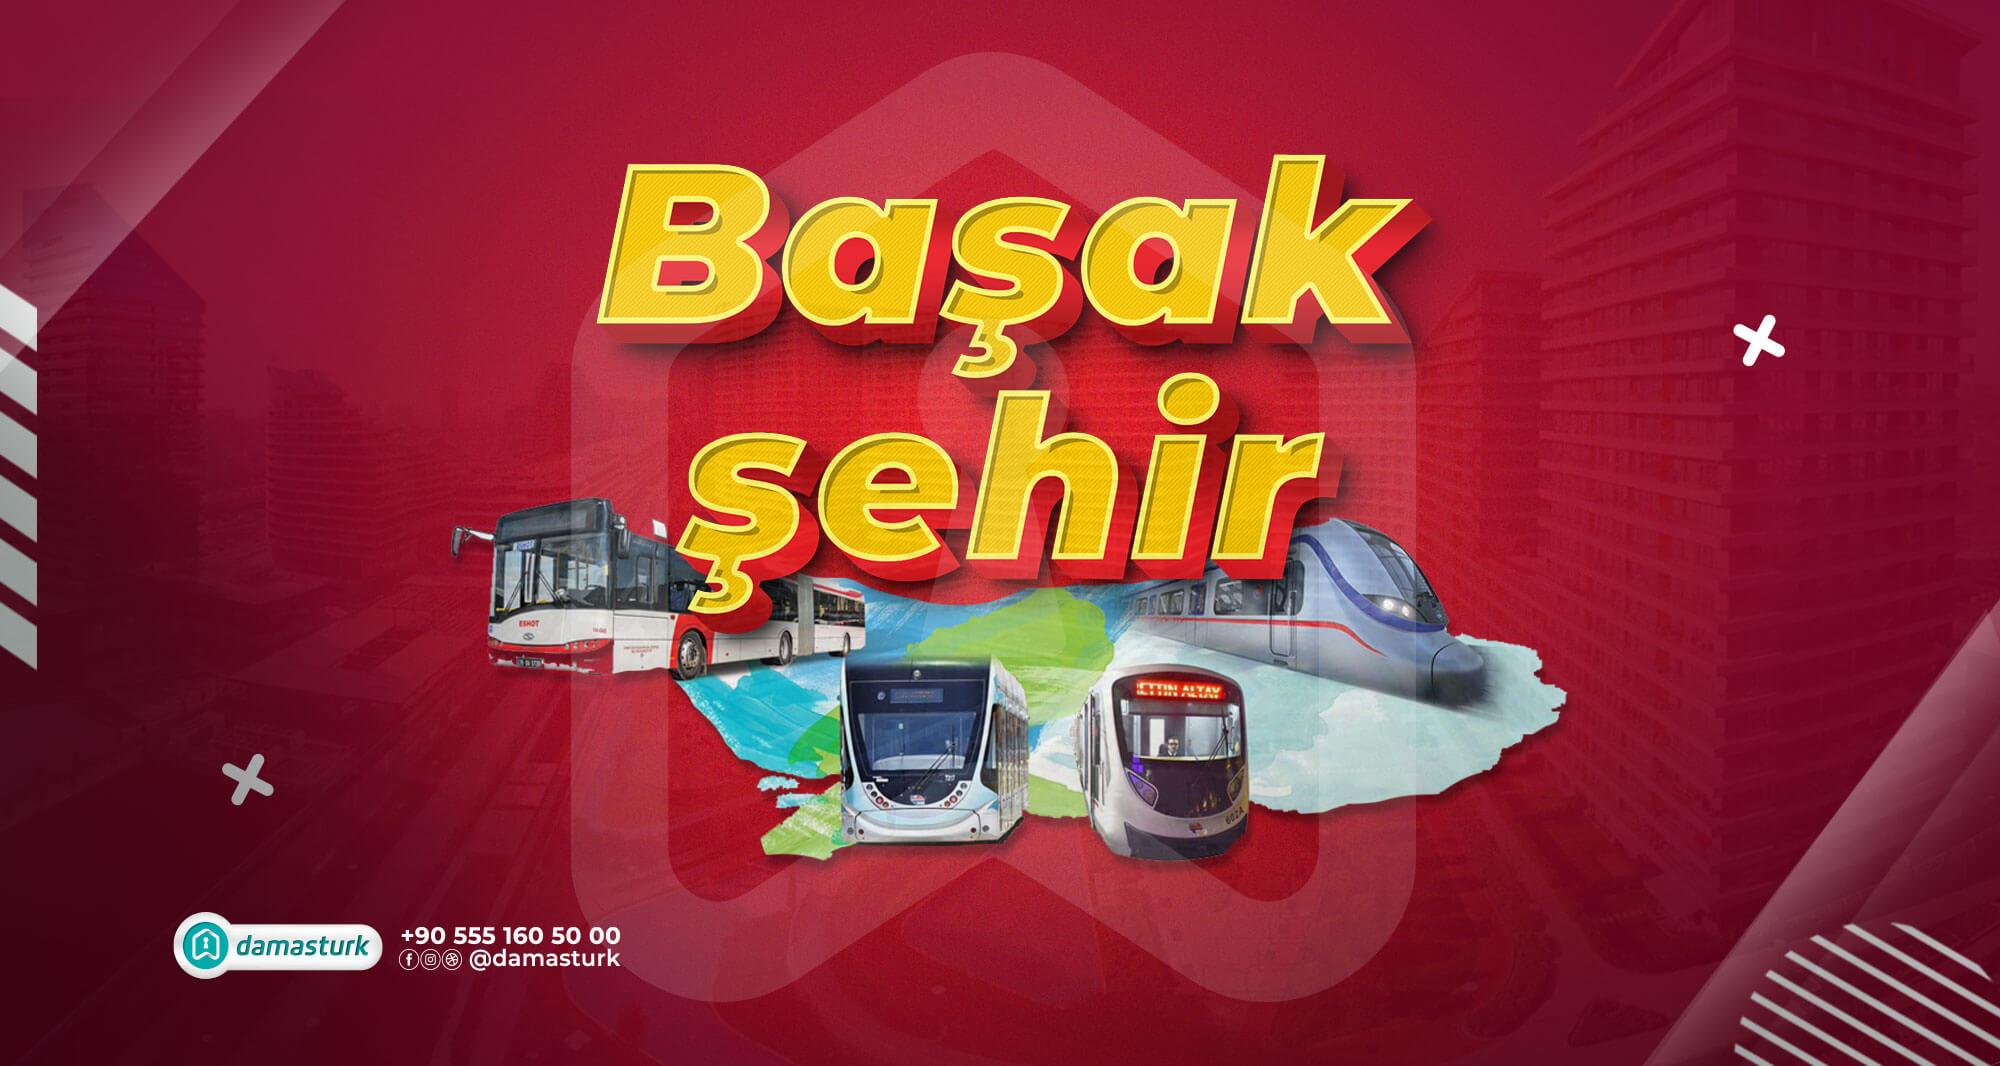 المواصلات في منطقة باشاك شهير 2021